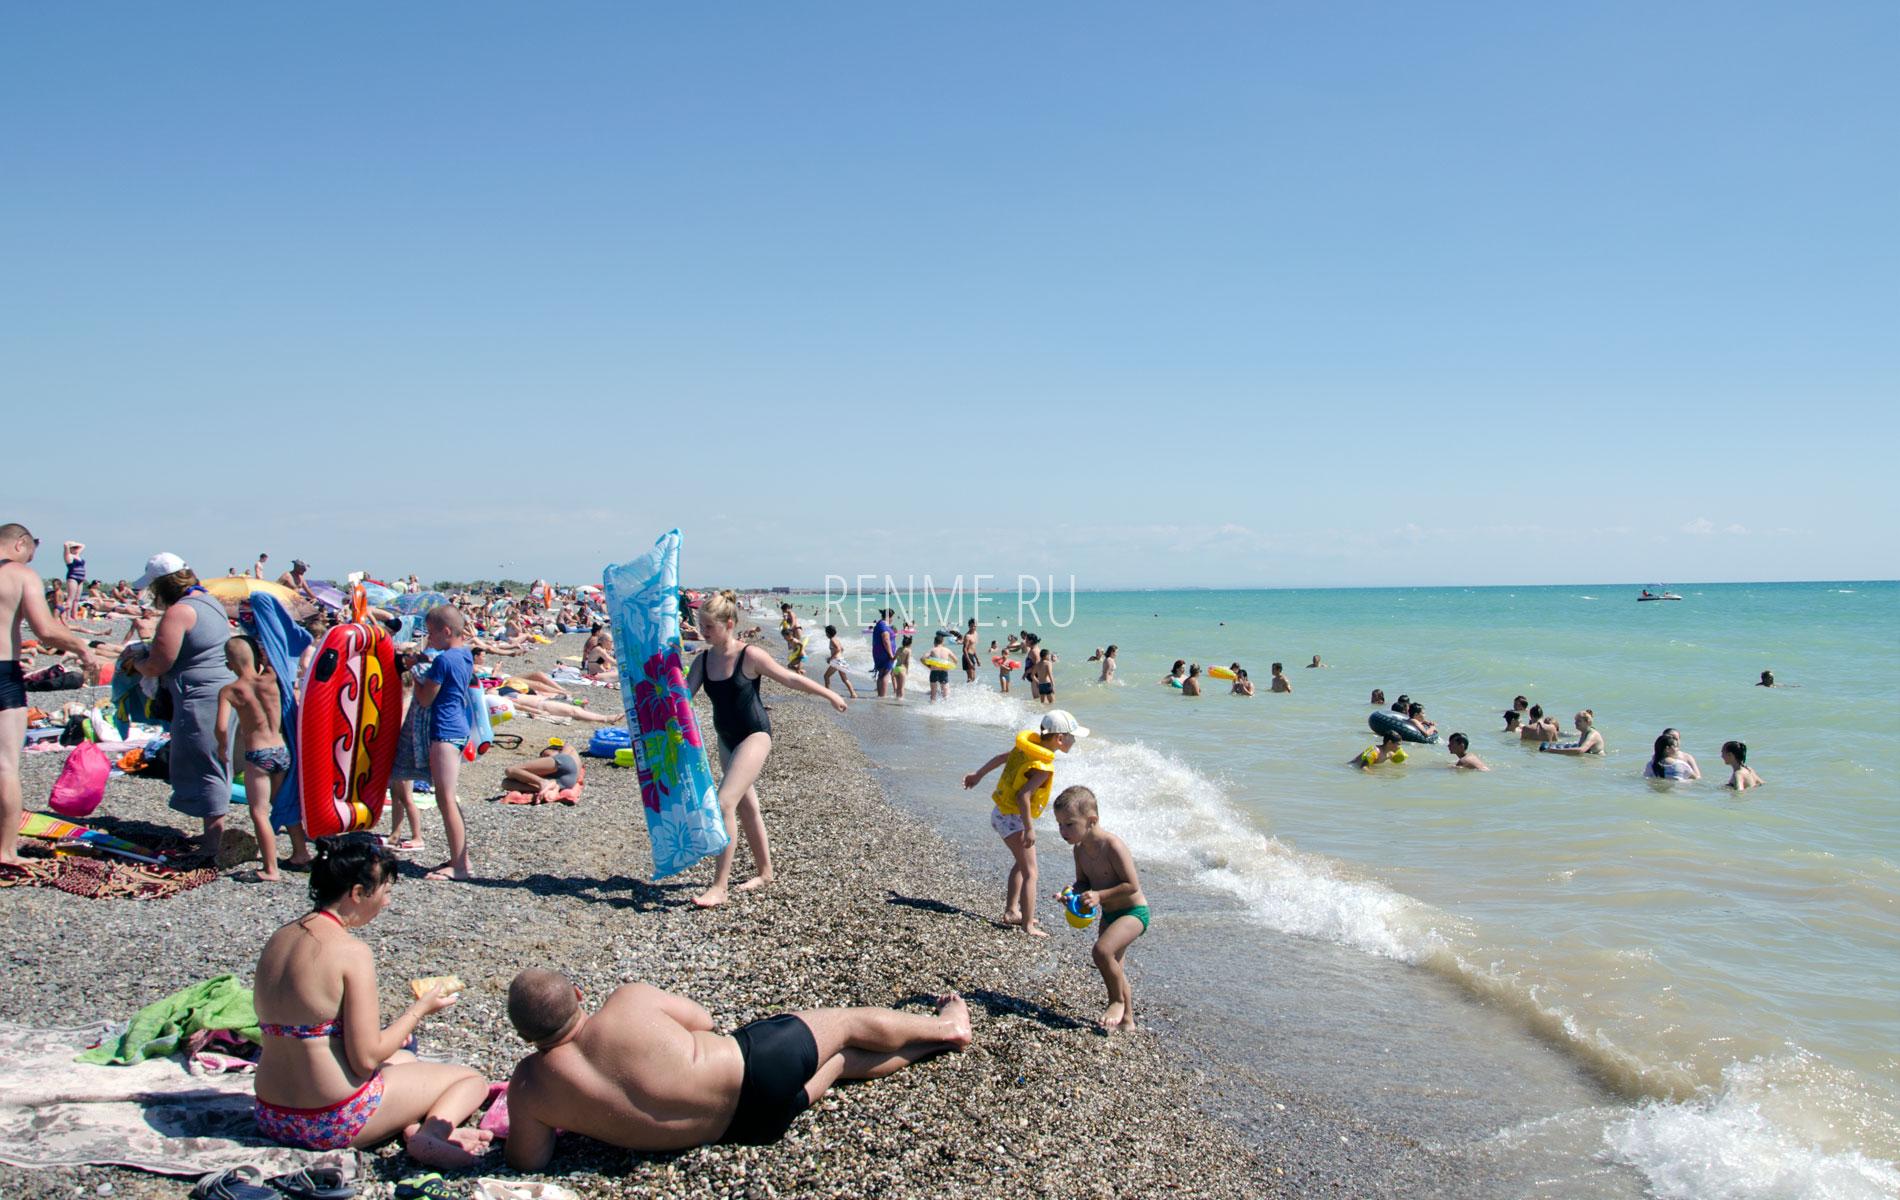 Дикий пляж летом 2019 в июле. Фото Новофедоровки